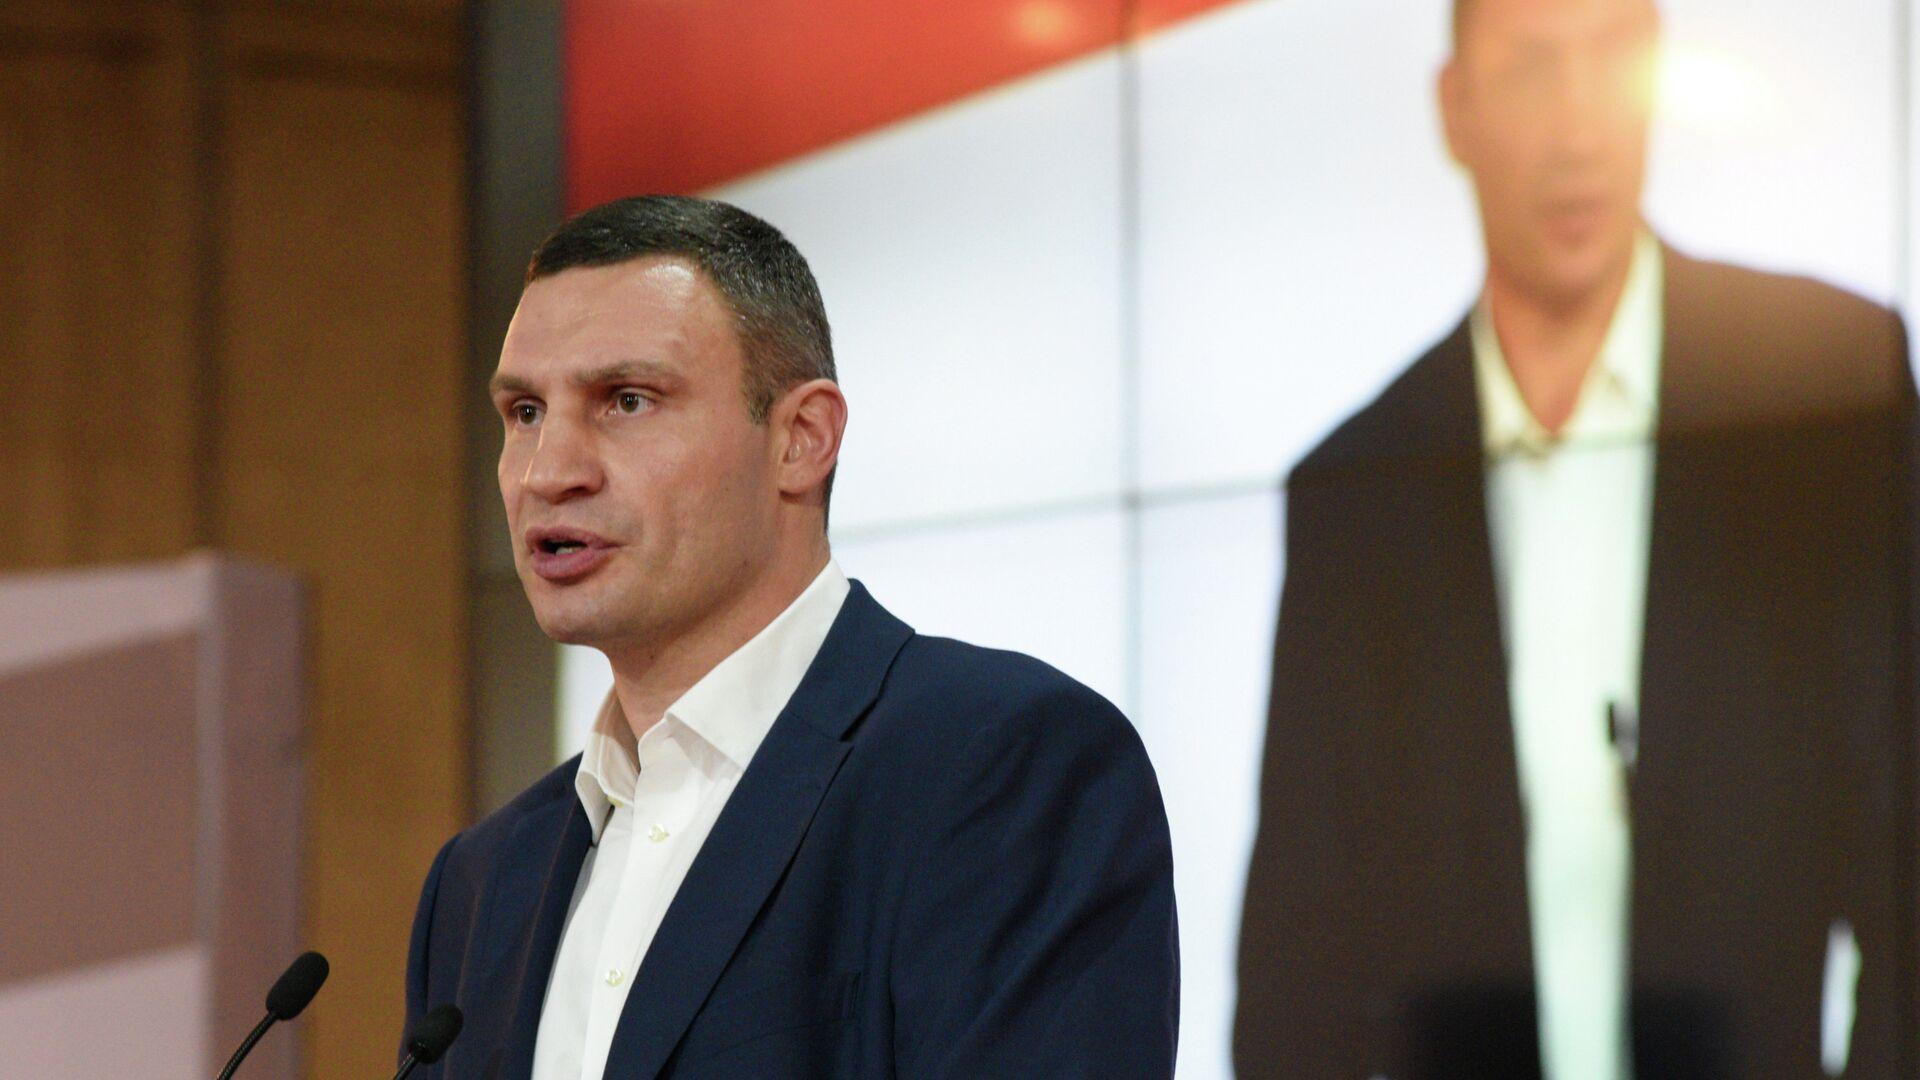 Лидер объединенной партии Солидарность, мэр Киева Виталий Кличко - РИА Новости, 1920, 19.07.2021